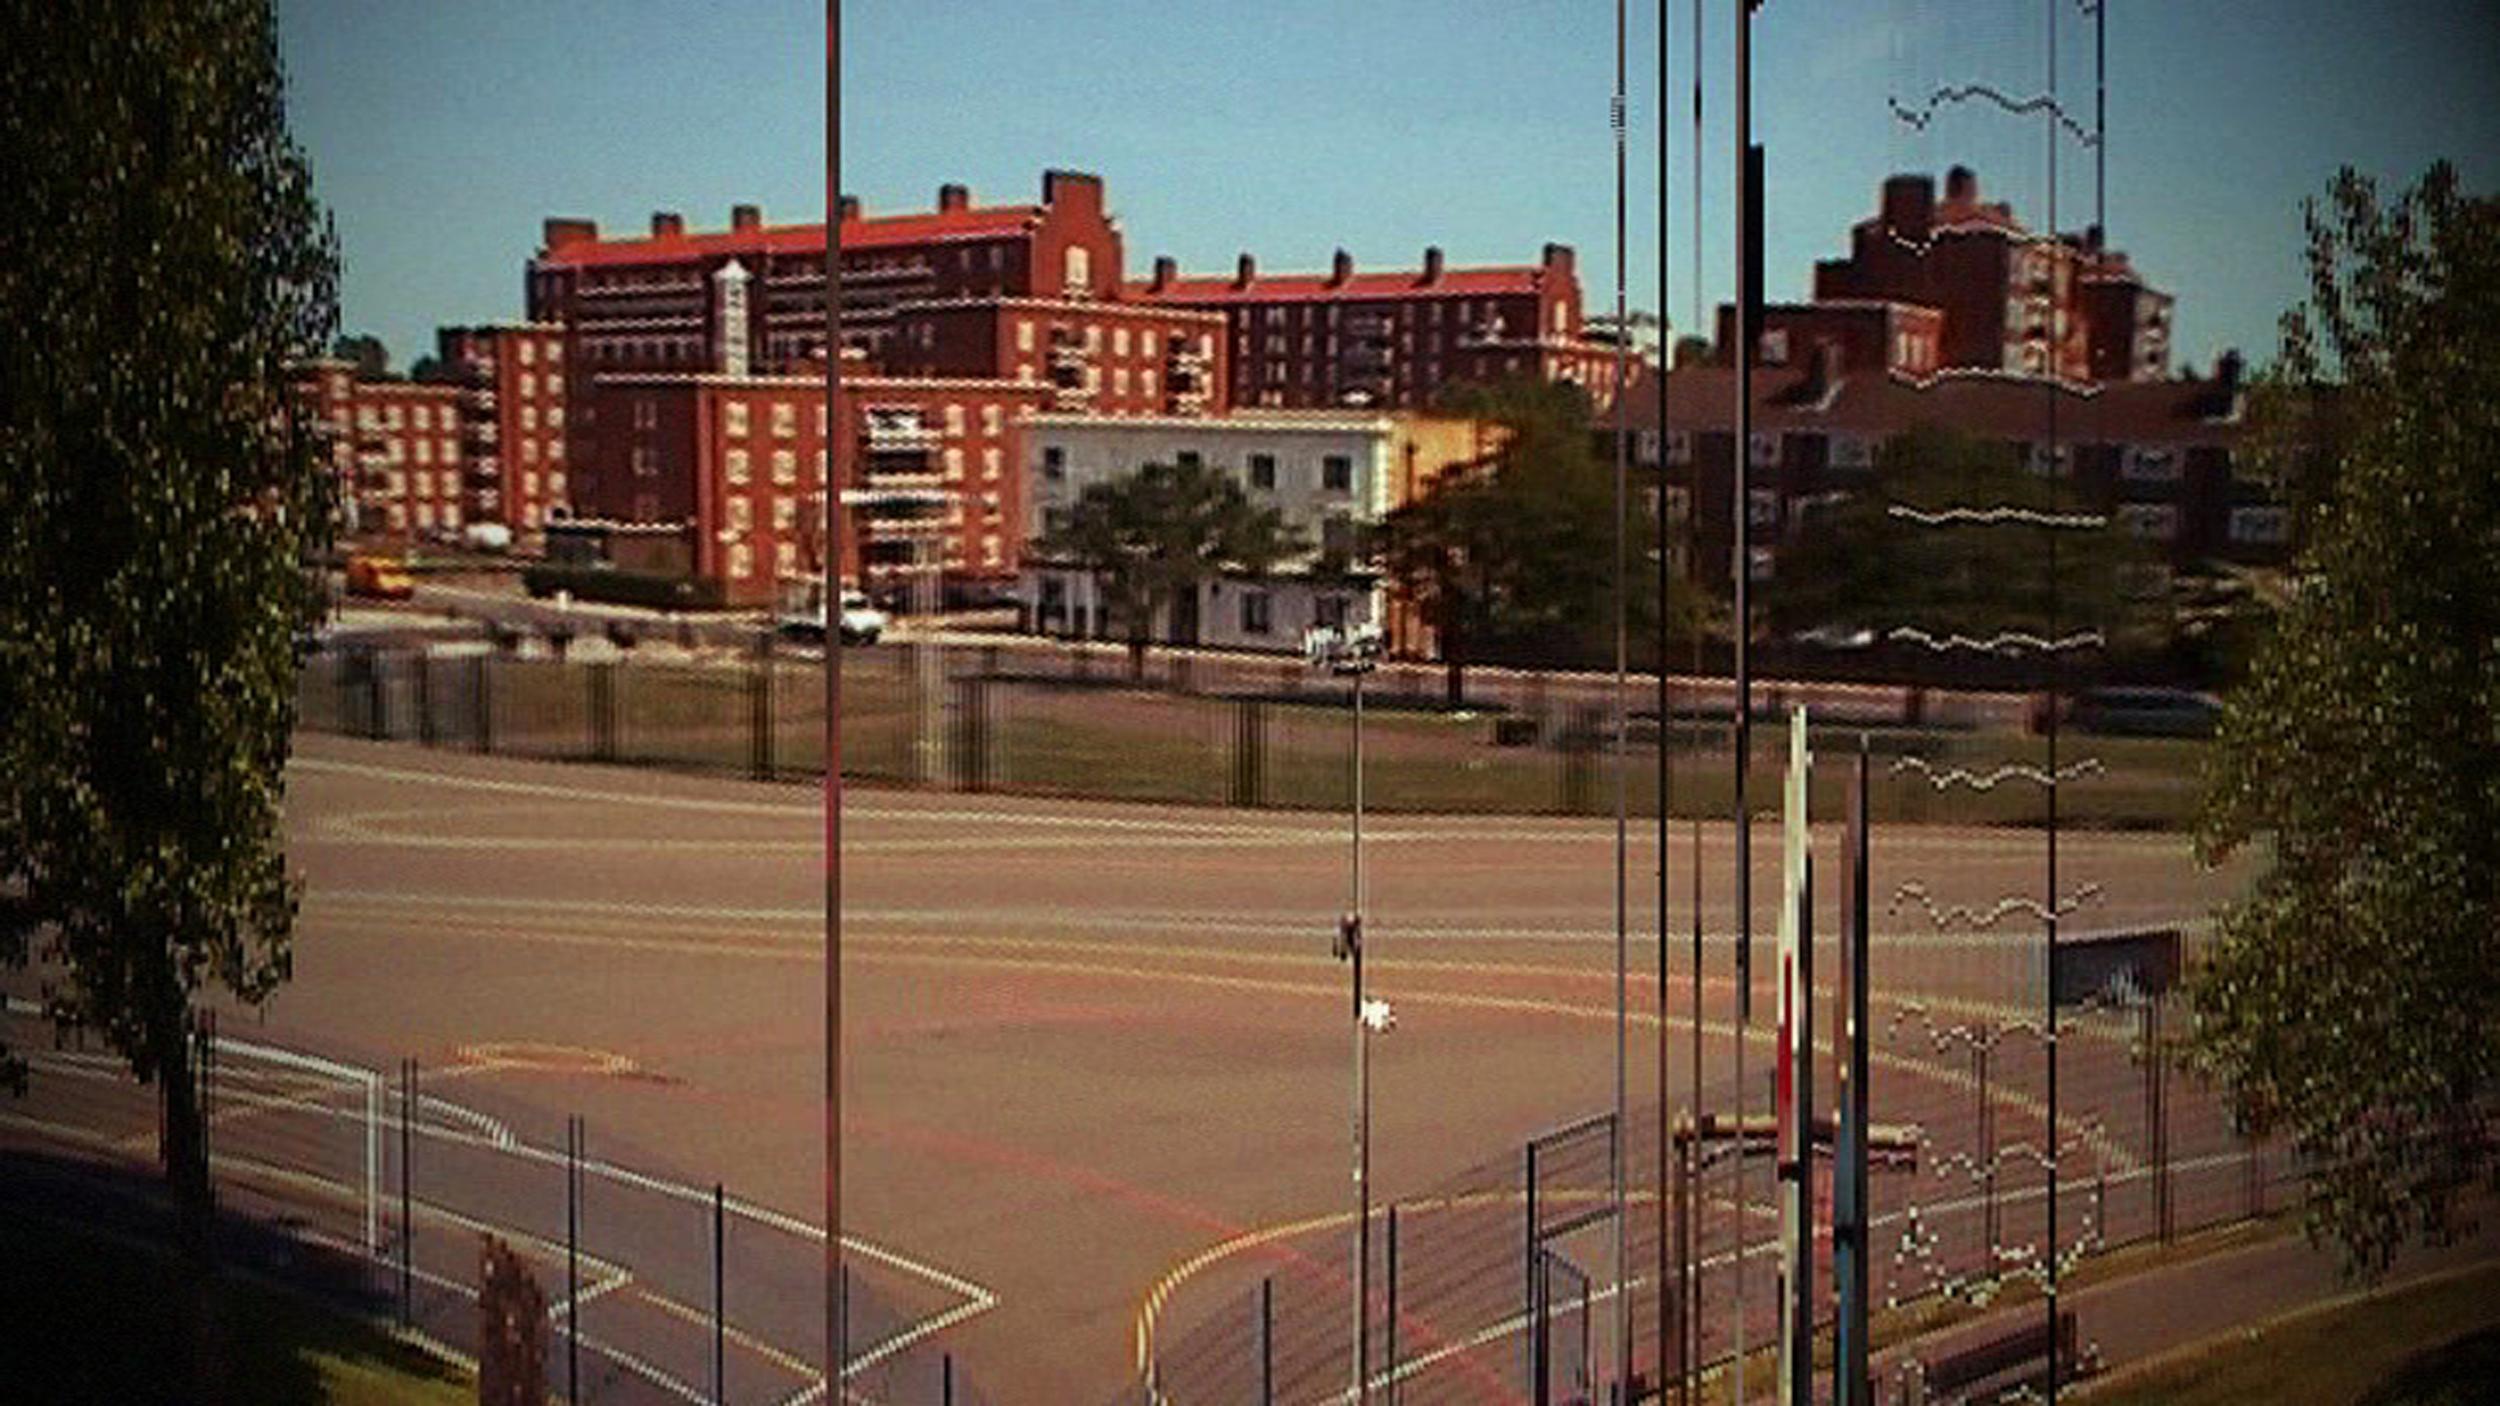 Daniel Crooks | Train No. 8 | 2005 | Digital Video